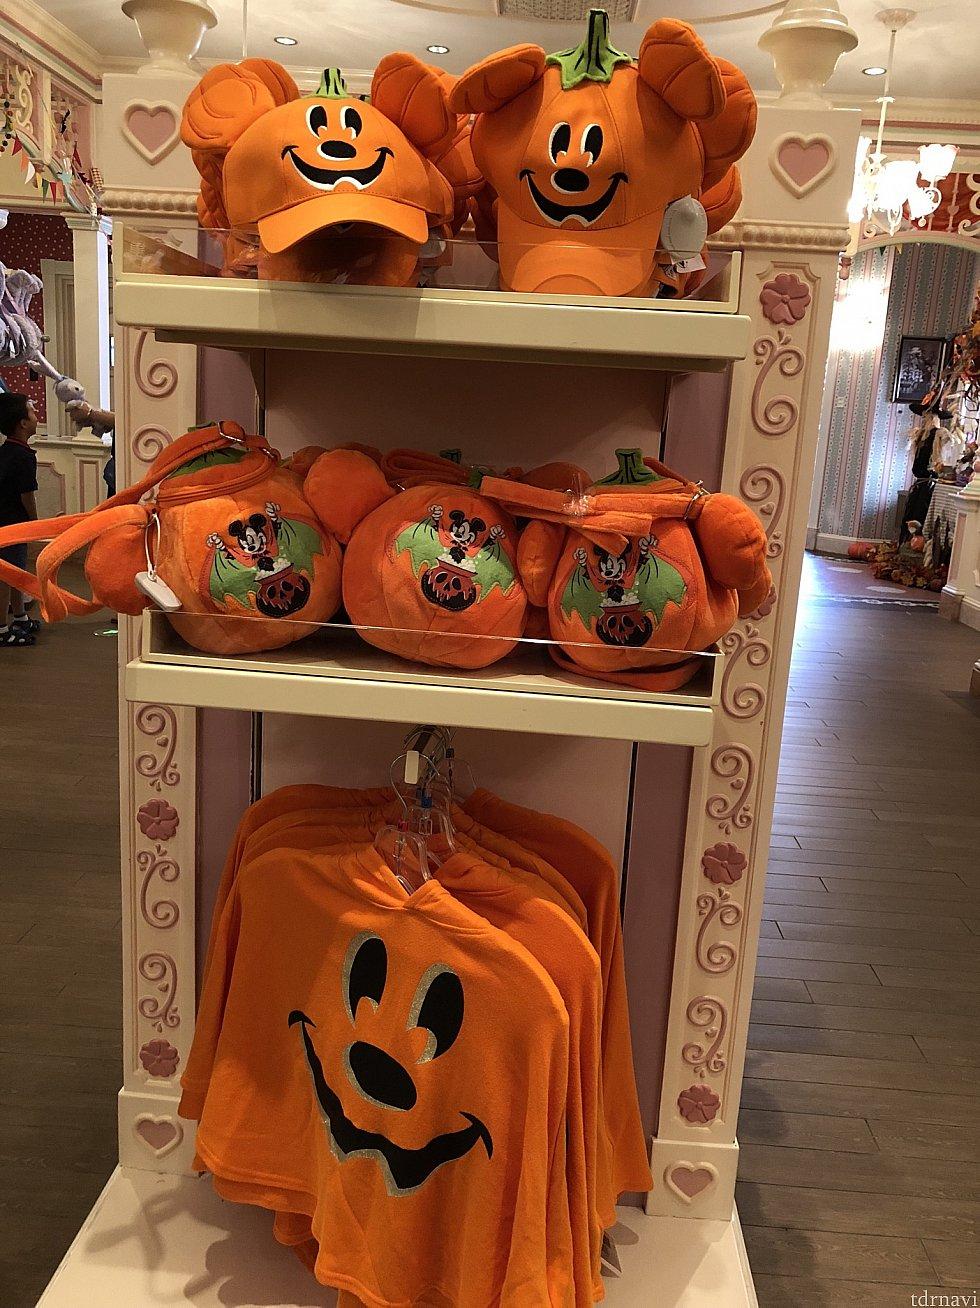 上から かぼちゃキャップ 169元 かぼちゃポシェット 169元 かぼちゃポンチョ 299元